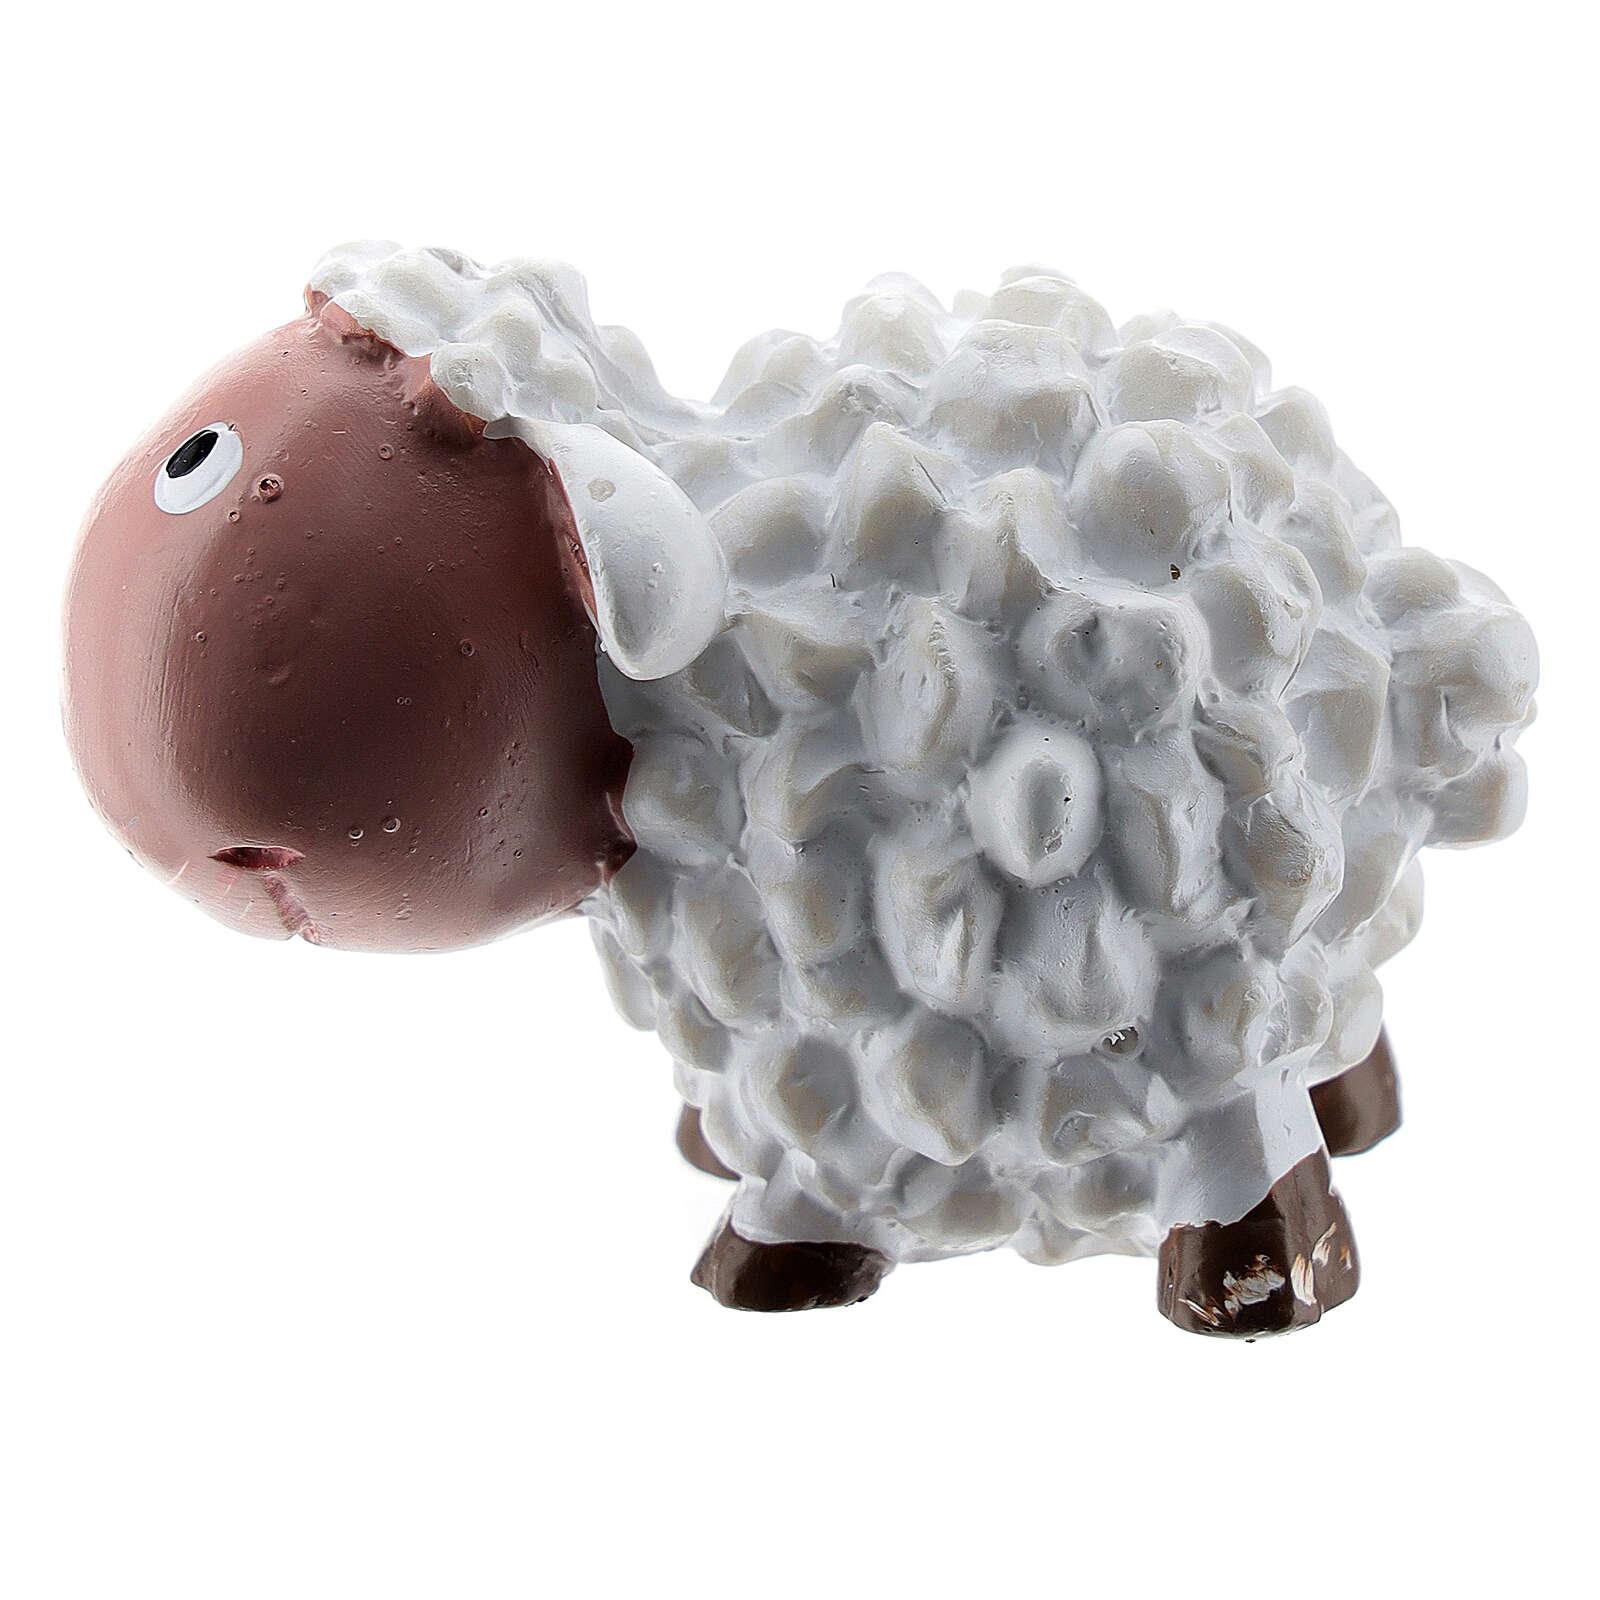 White sheep 4 cm resin for Nativity scene 8 cm children's line 3